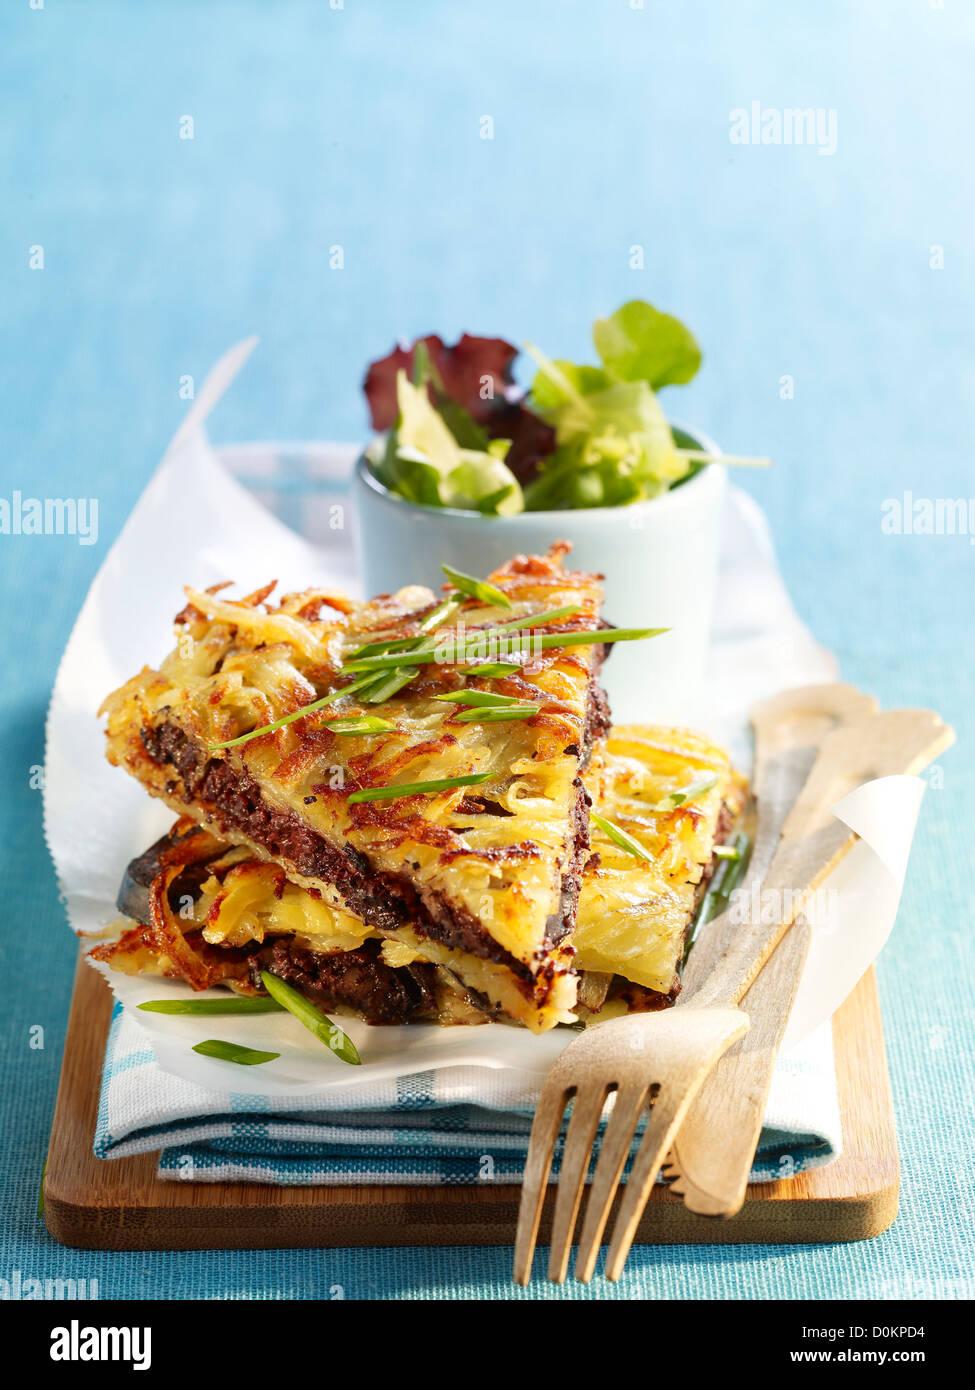 Potato pancakes and sausage - Stock Image